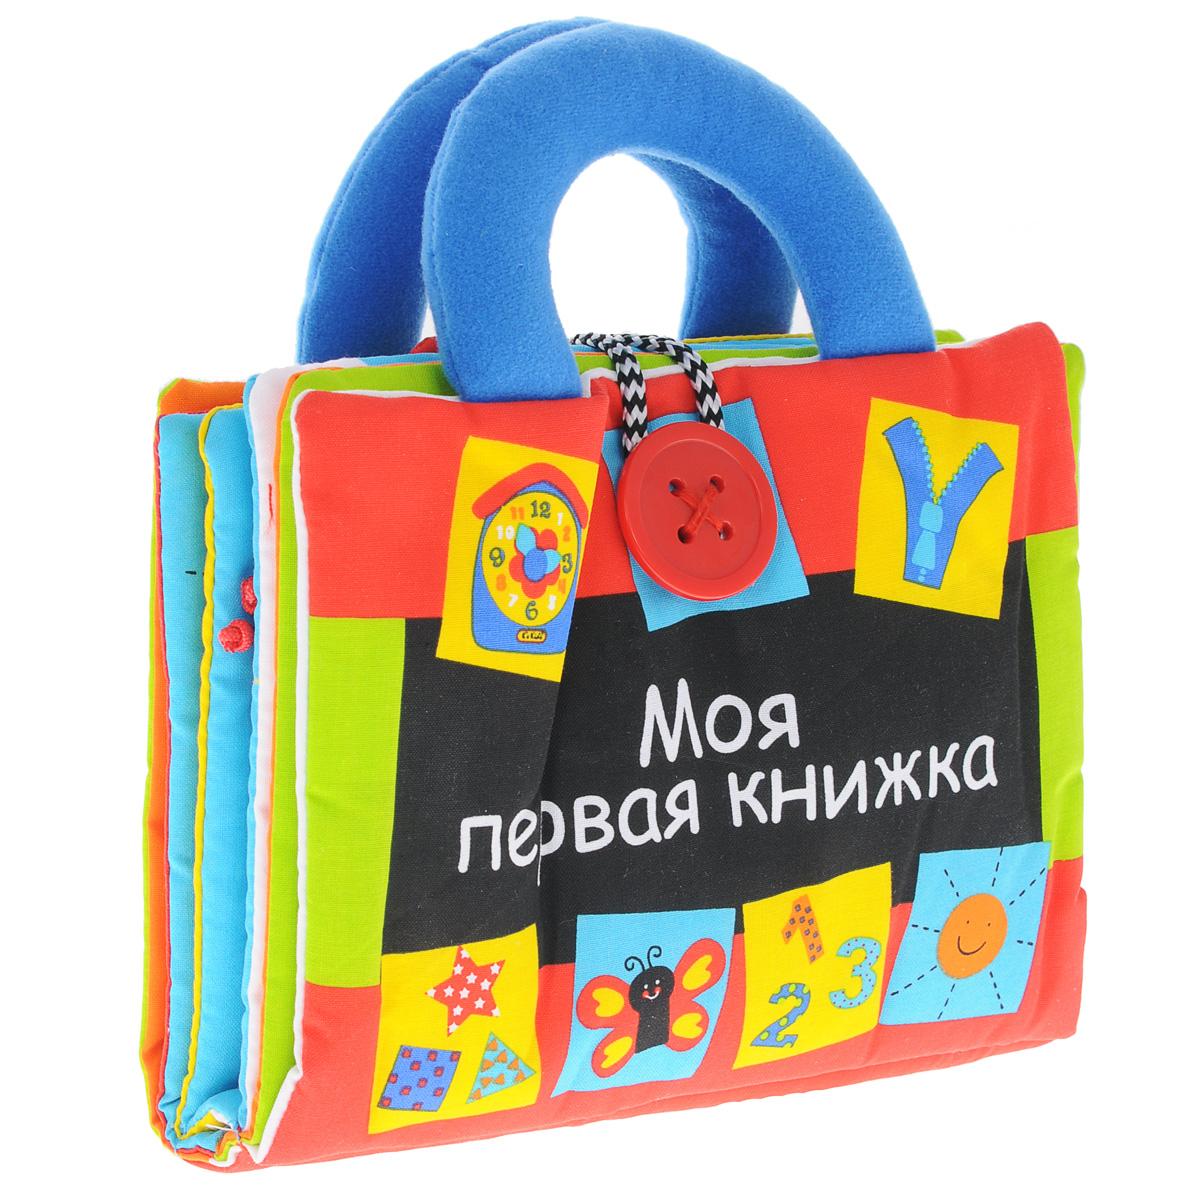 Ks Kids Книжка-игрушка Моя первая книжкаRP50255Развивающая книжка-игрушка Ks Kids Первая книжка станет для вашего малыша первым проводником в мир книг. Она выполнена из приятного на ощупь текстильного материала различных фактур с элементами из пластика и состоит из 10 страничек, оформленных красочными картинками с различными развивающими элементами. На страничках книги представлены: пуговица, кукольный театр, игрушка на липучке, молния, застежка-ремень, шнуровка, игра в прятки, шуршалка, застежка-кнопка, сортировка форм и кармашек. Книжка снабжена двумя мягкими ручками для переноски.